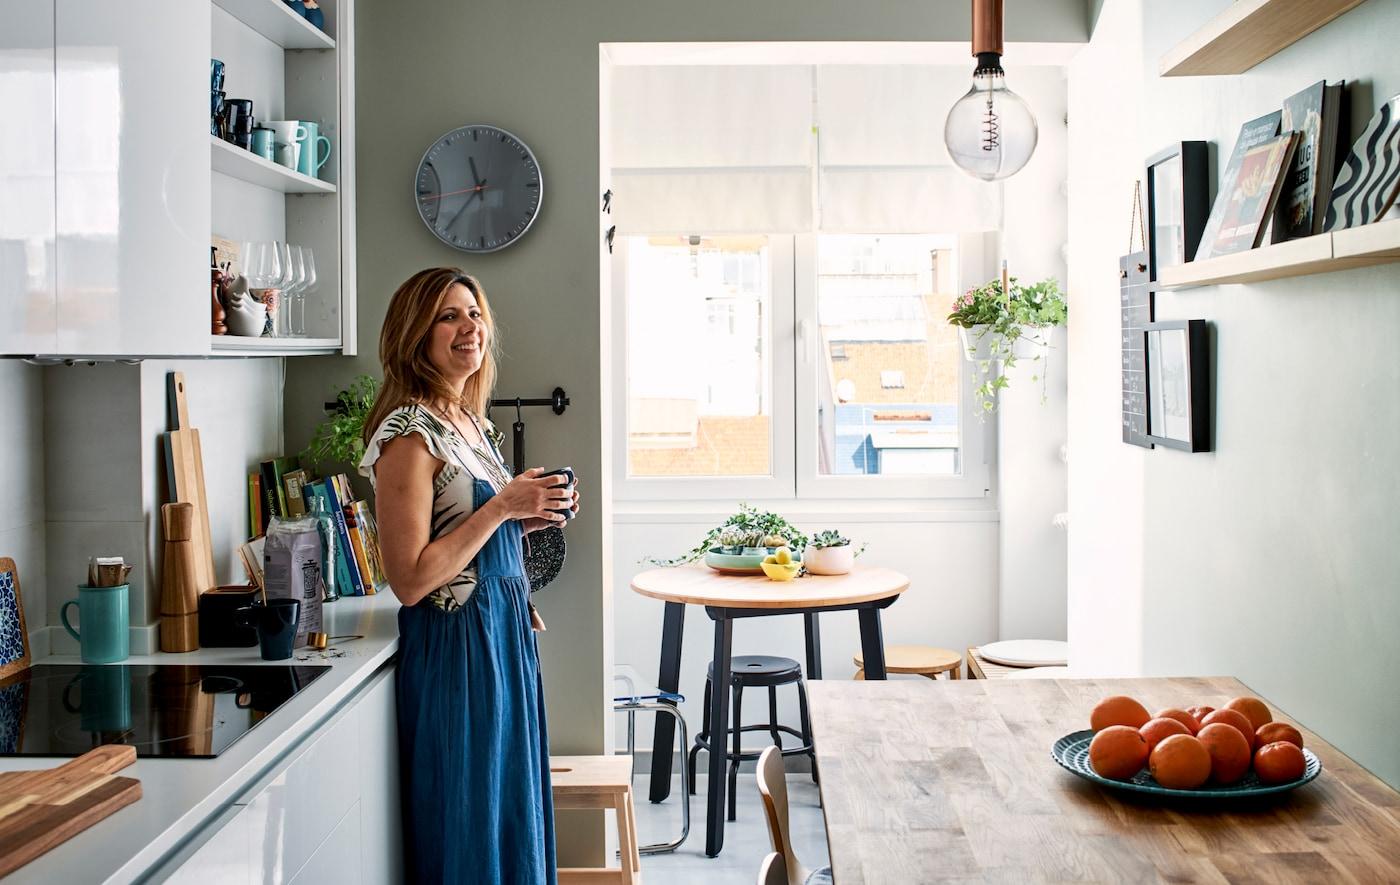 一位女士站在配有白色柜门的狭长型厨房中,厨房里还有木质吧台,另一端有小小的用餐区。